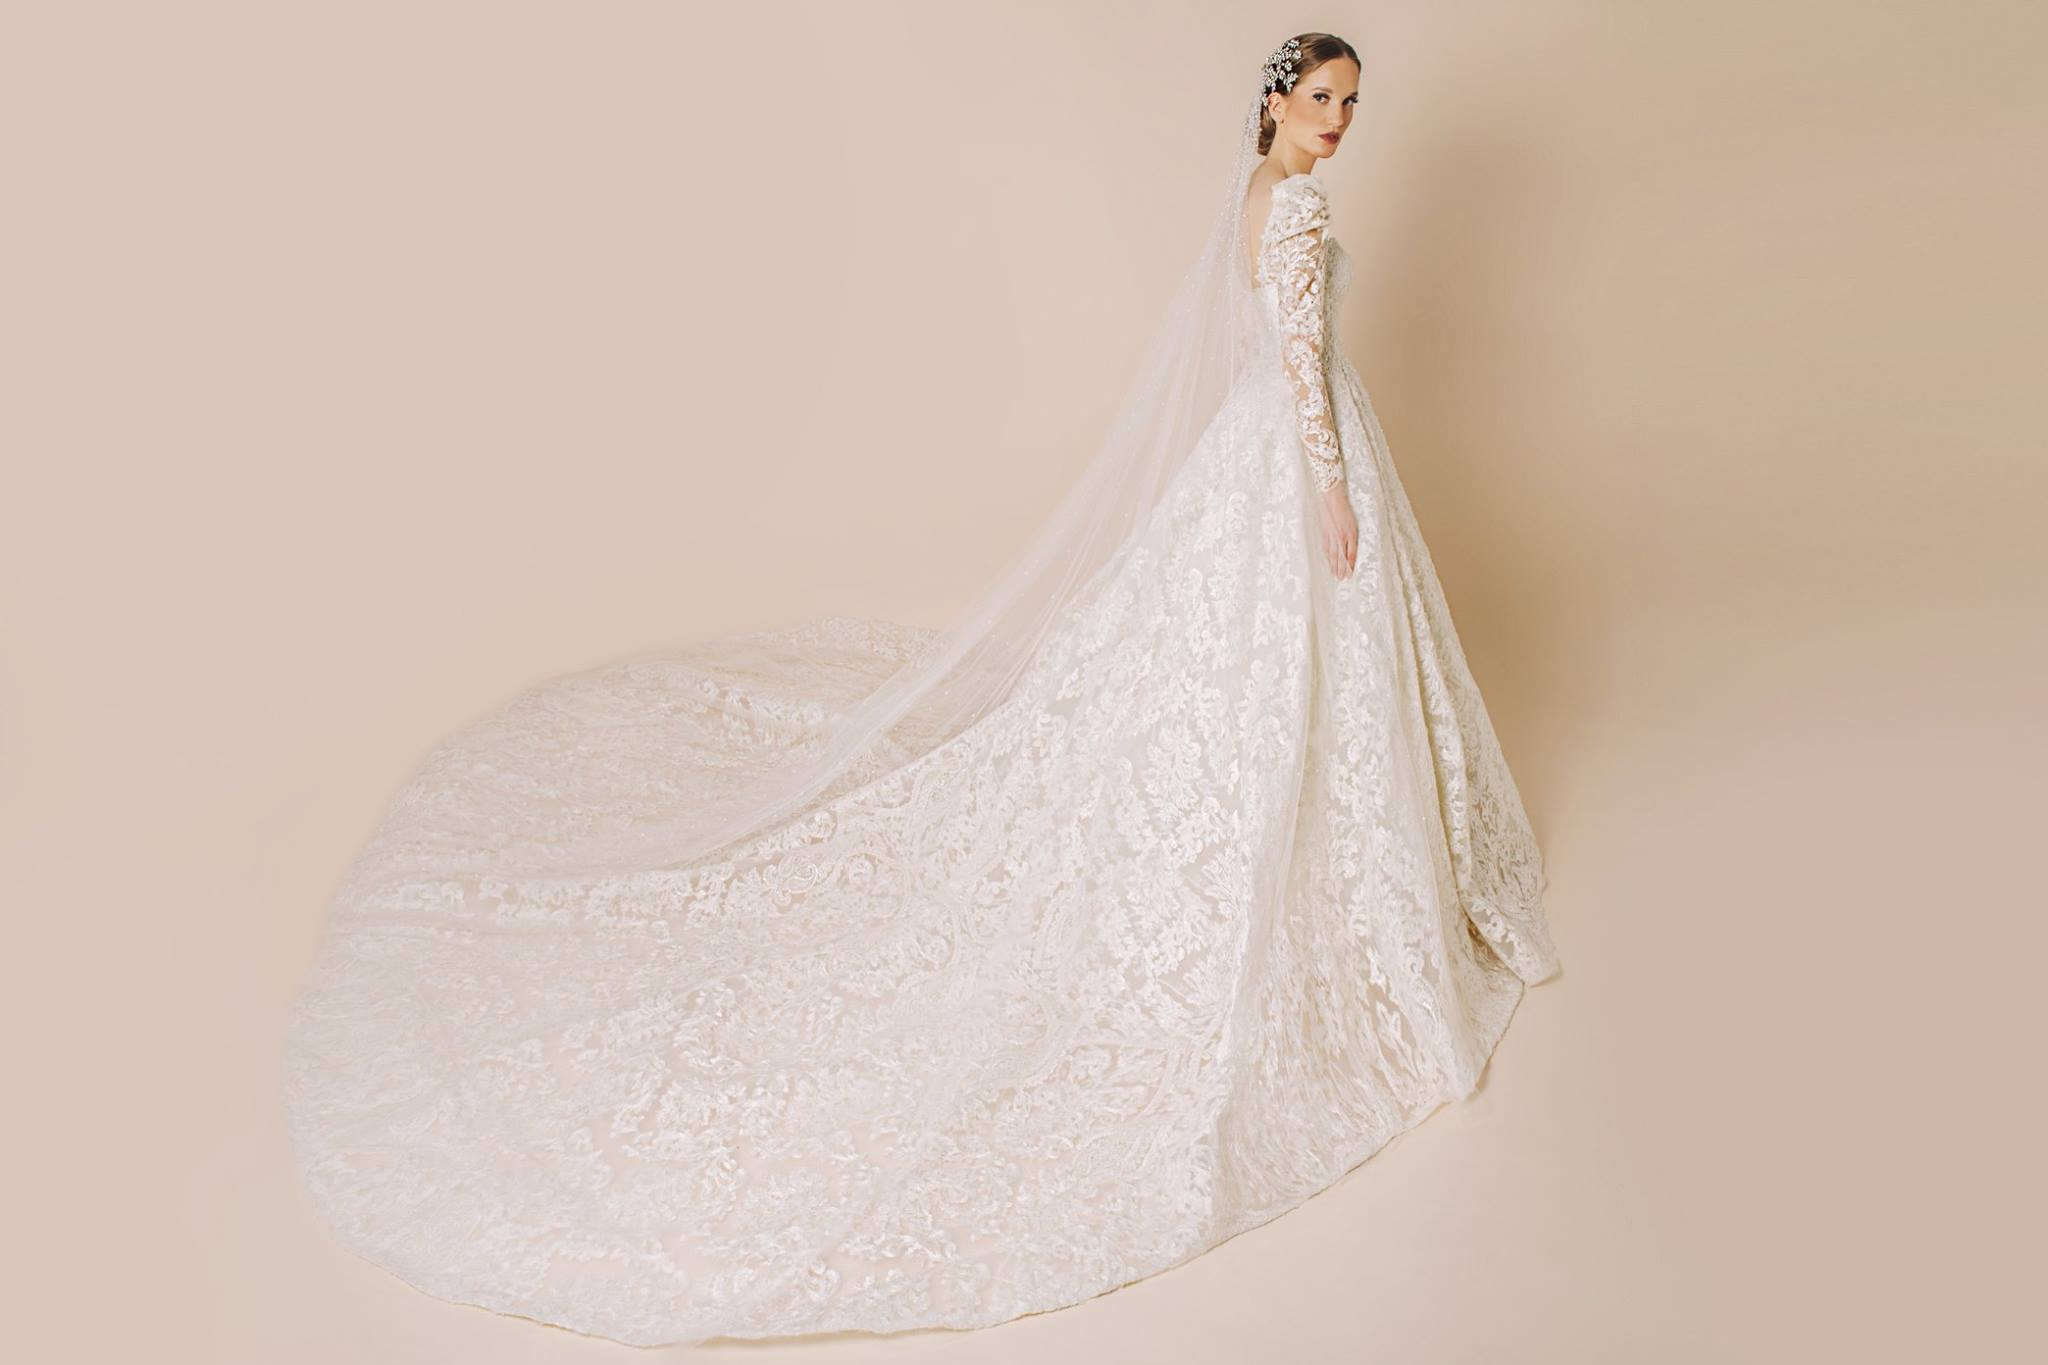 فساتين زفاف كلاسيكية